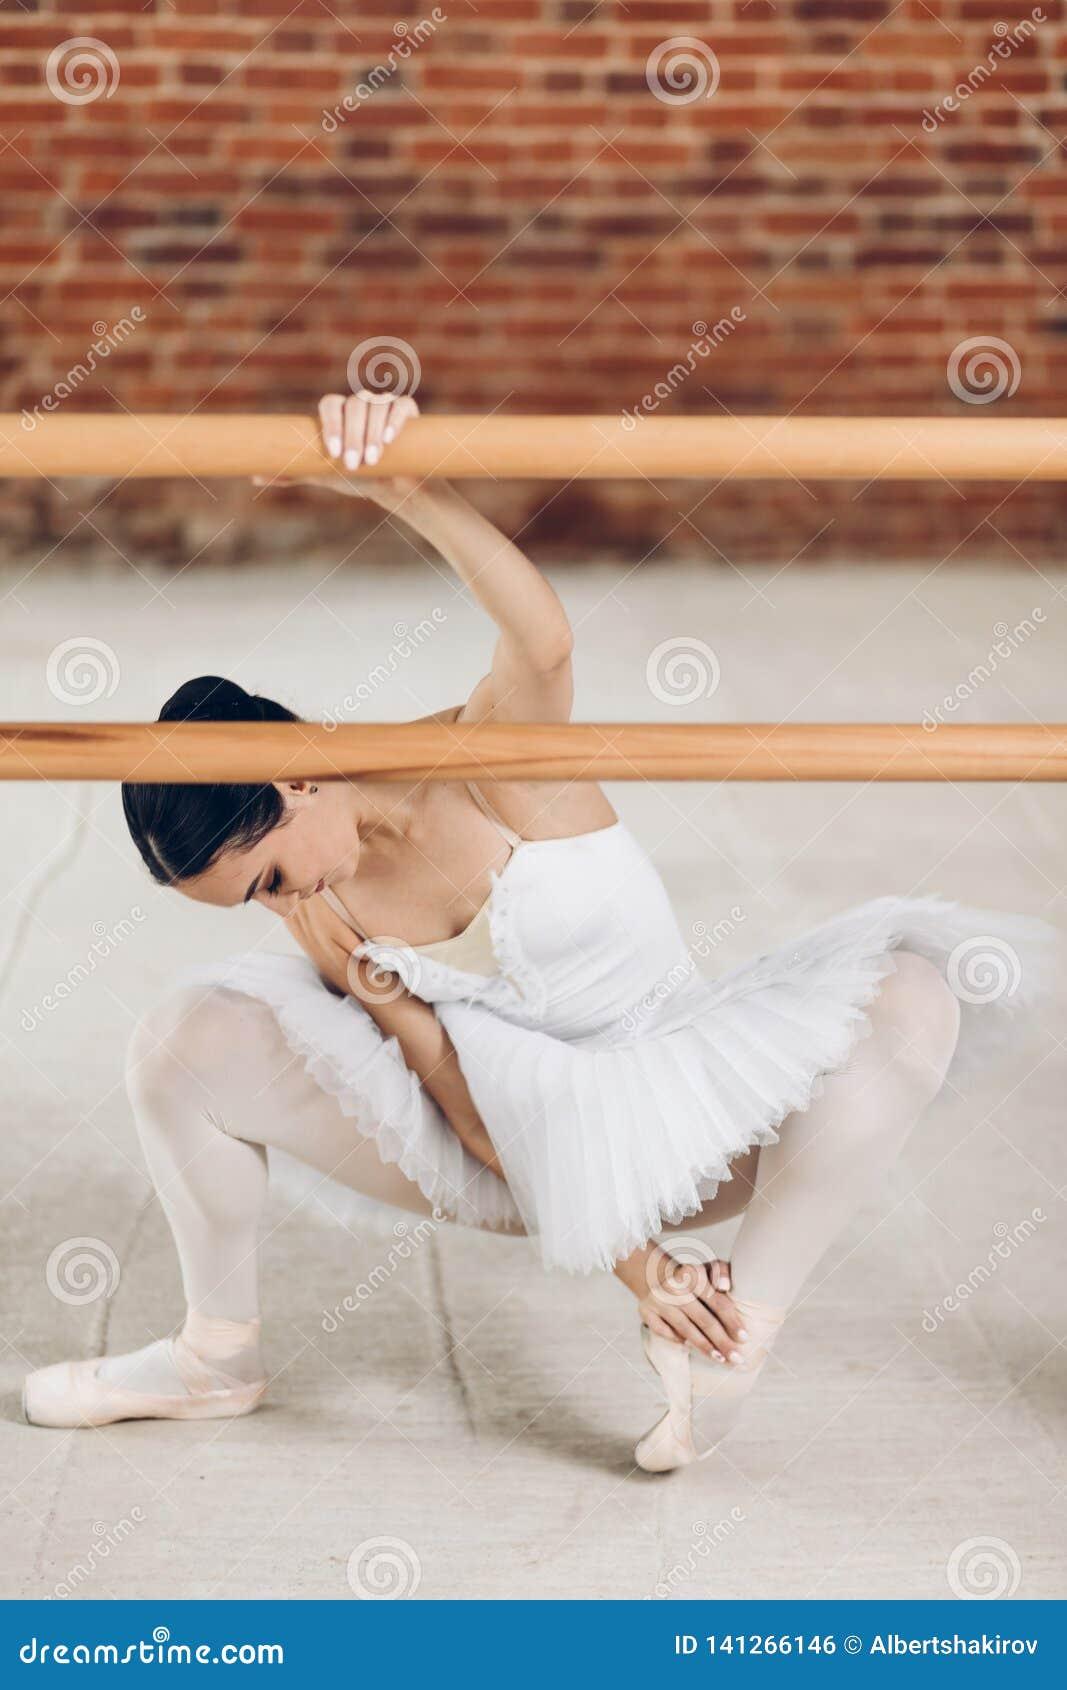 De jonge ballerina heeft problemen met benen ziekte